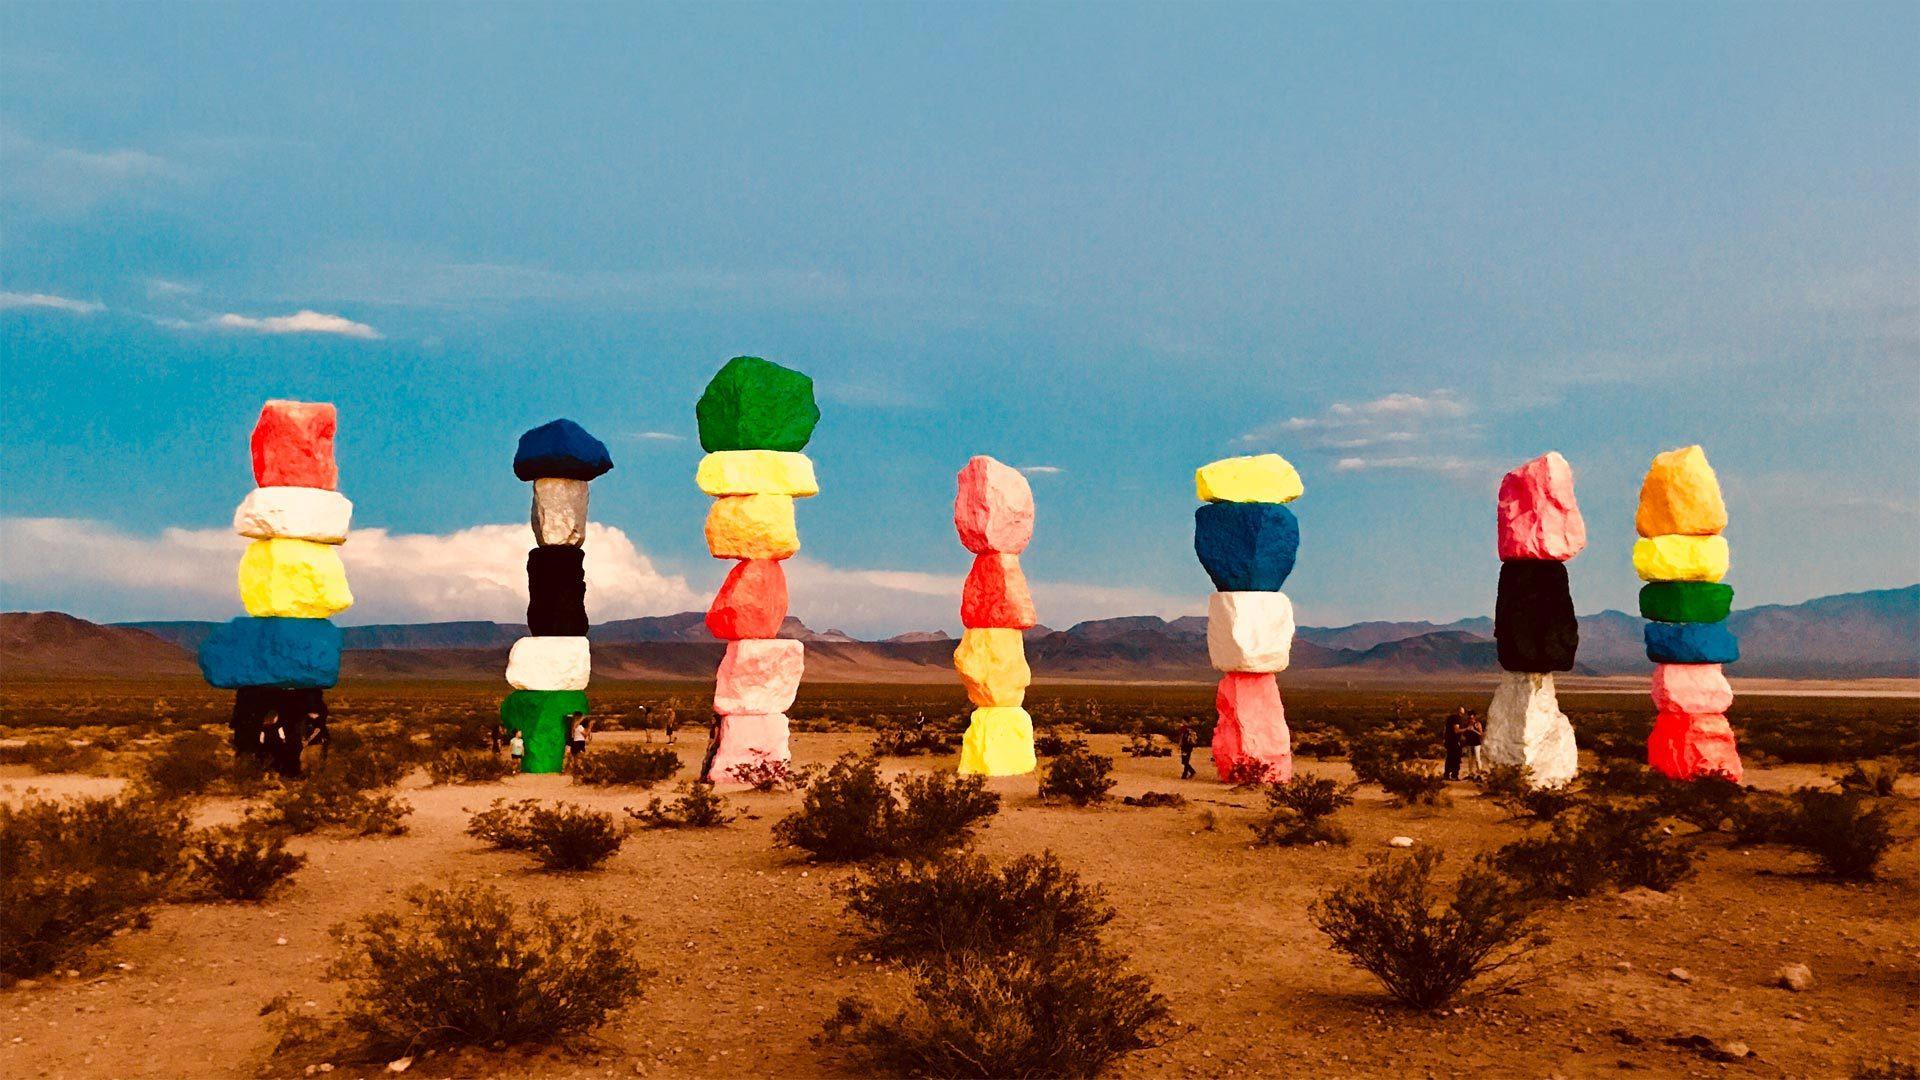 荒漠中的七彩魔方